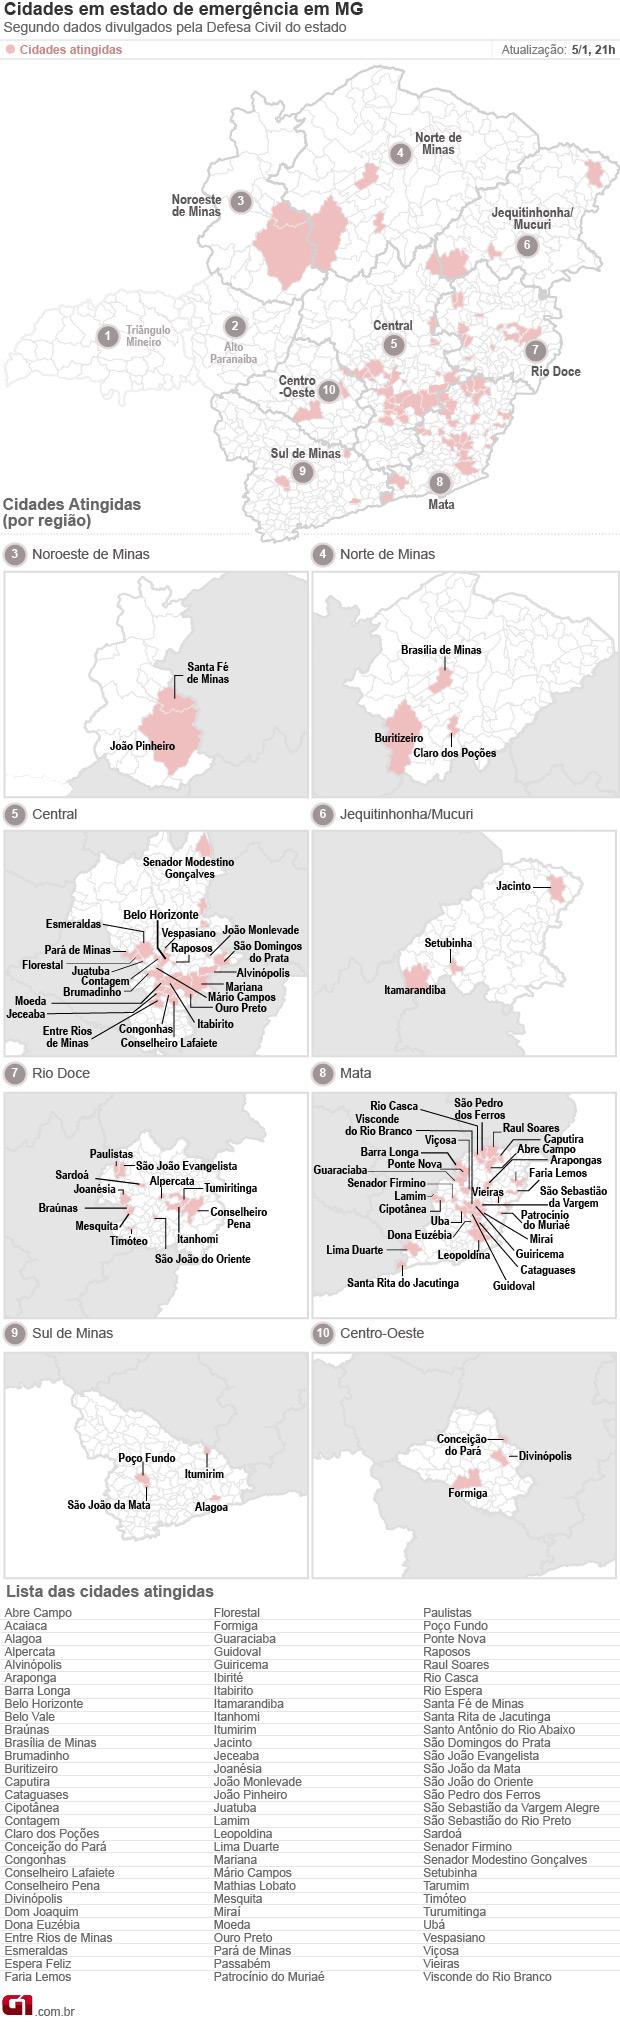 Mapa com 87 cidades em Situação de emergência em Minas Gerais (Foto: Editoria de Arte / G1)